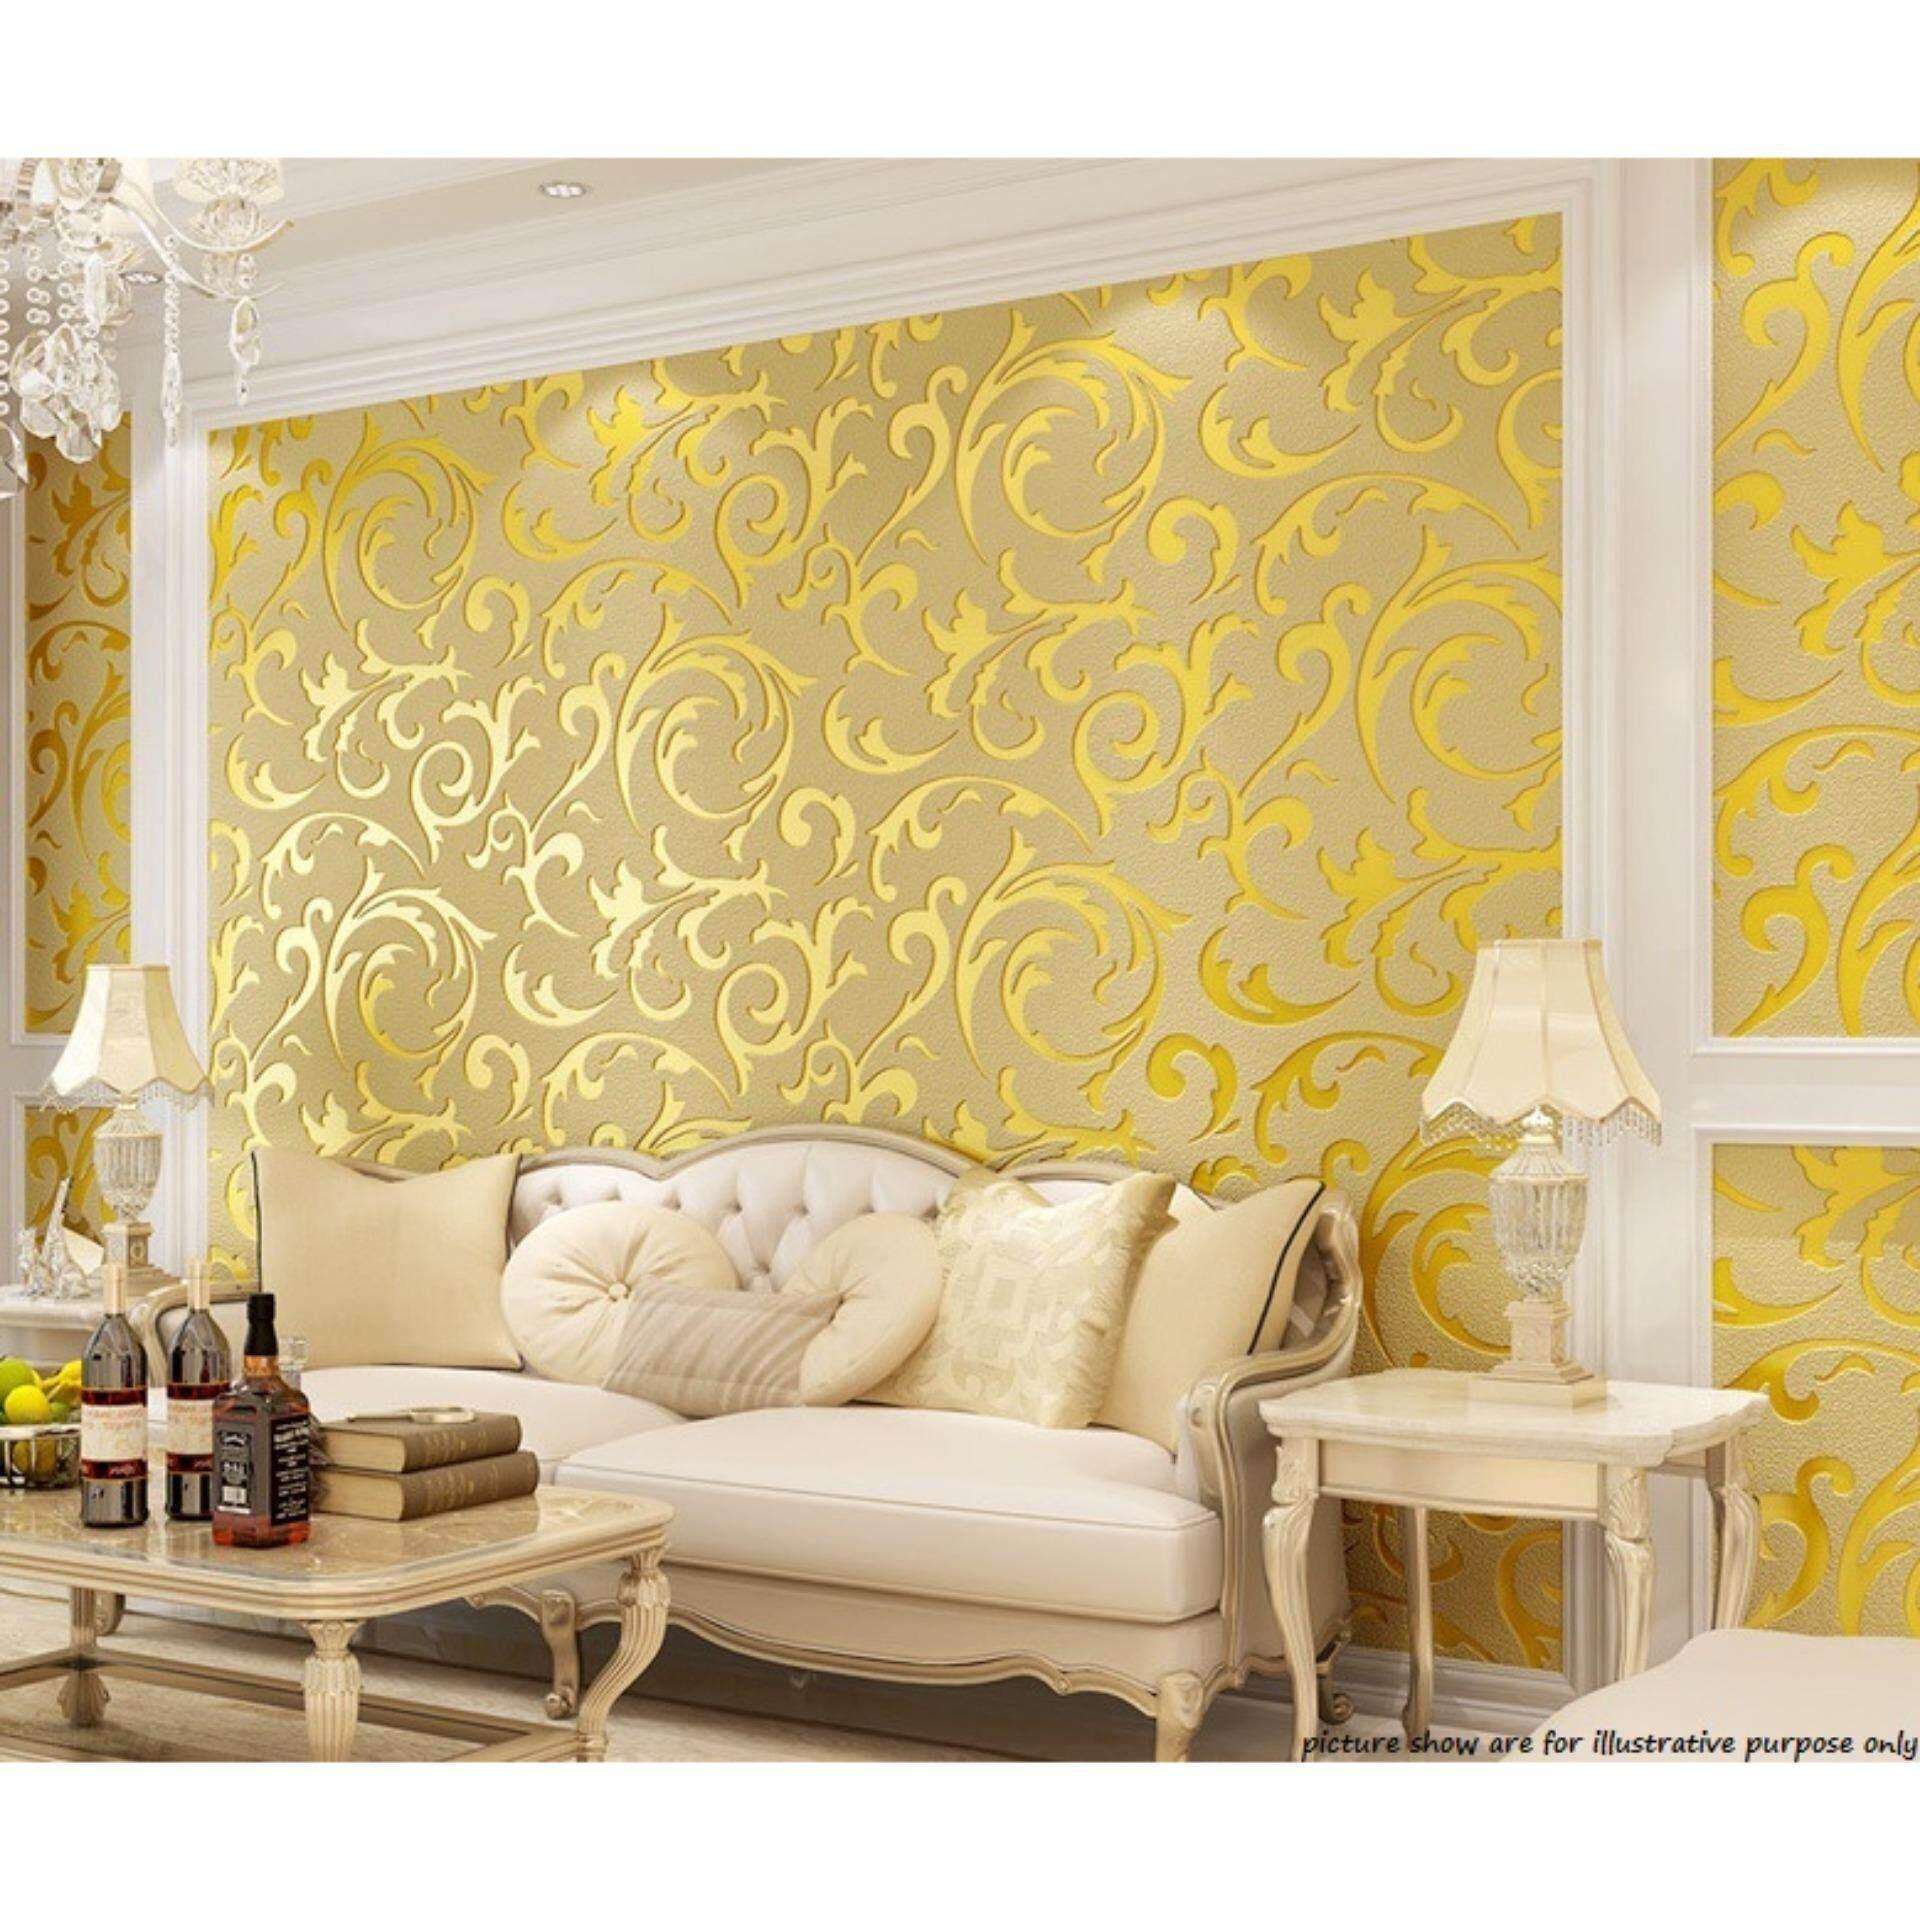 WALLPAPER Crochet Flower 3D  Wall Paper Non-woven Design Wallpaper for Living Room Bedroom